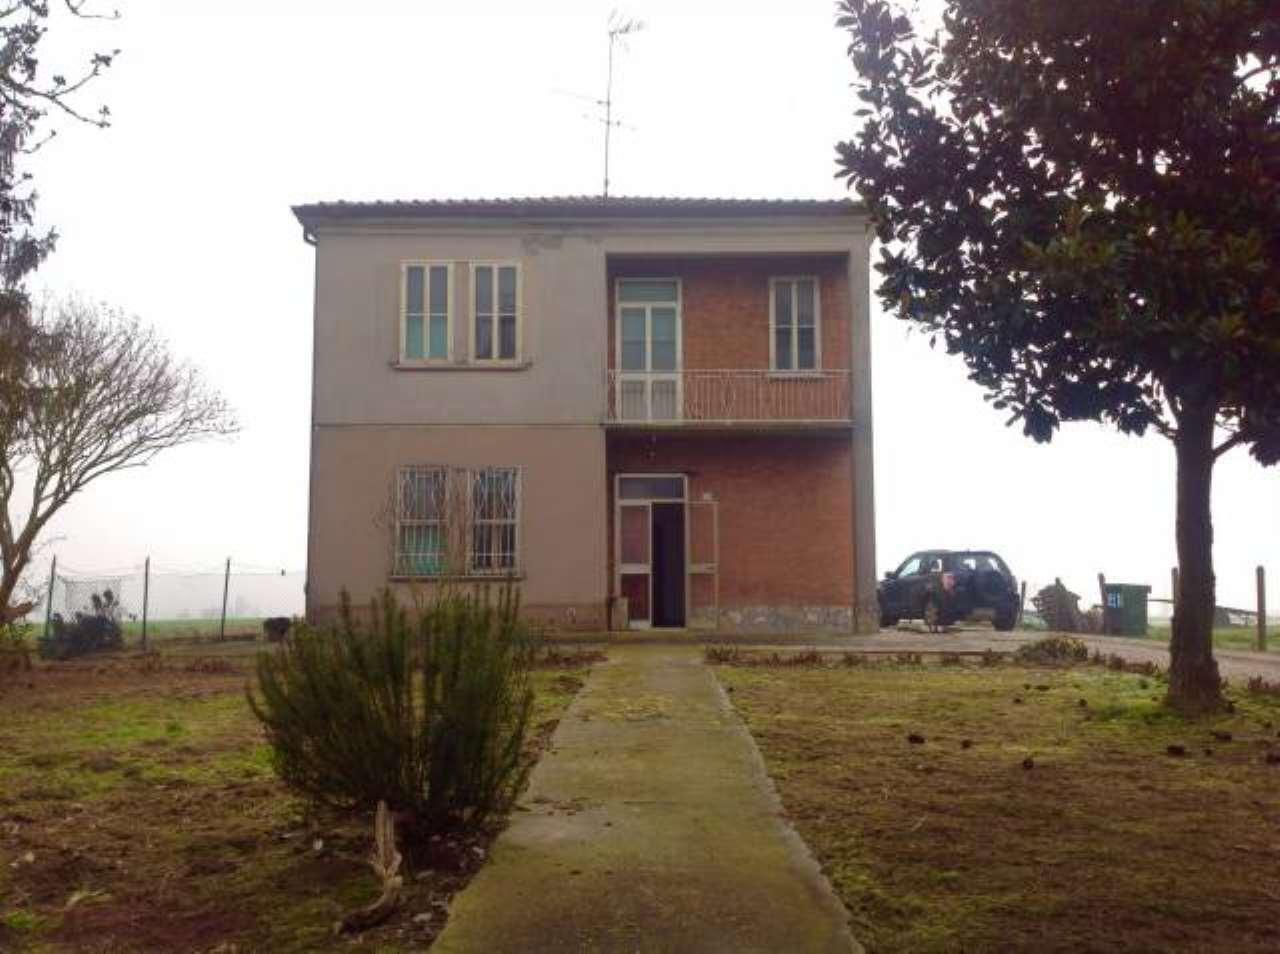 Soluzione Indipendente in vendita a Masi Torello, 6 locali, prezzo € 50.000 | CambioCasa.it